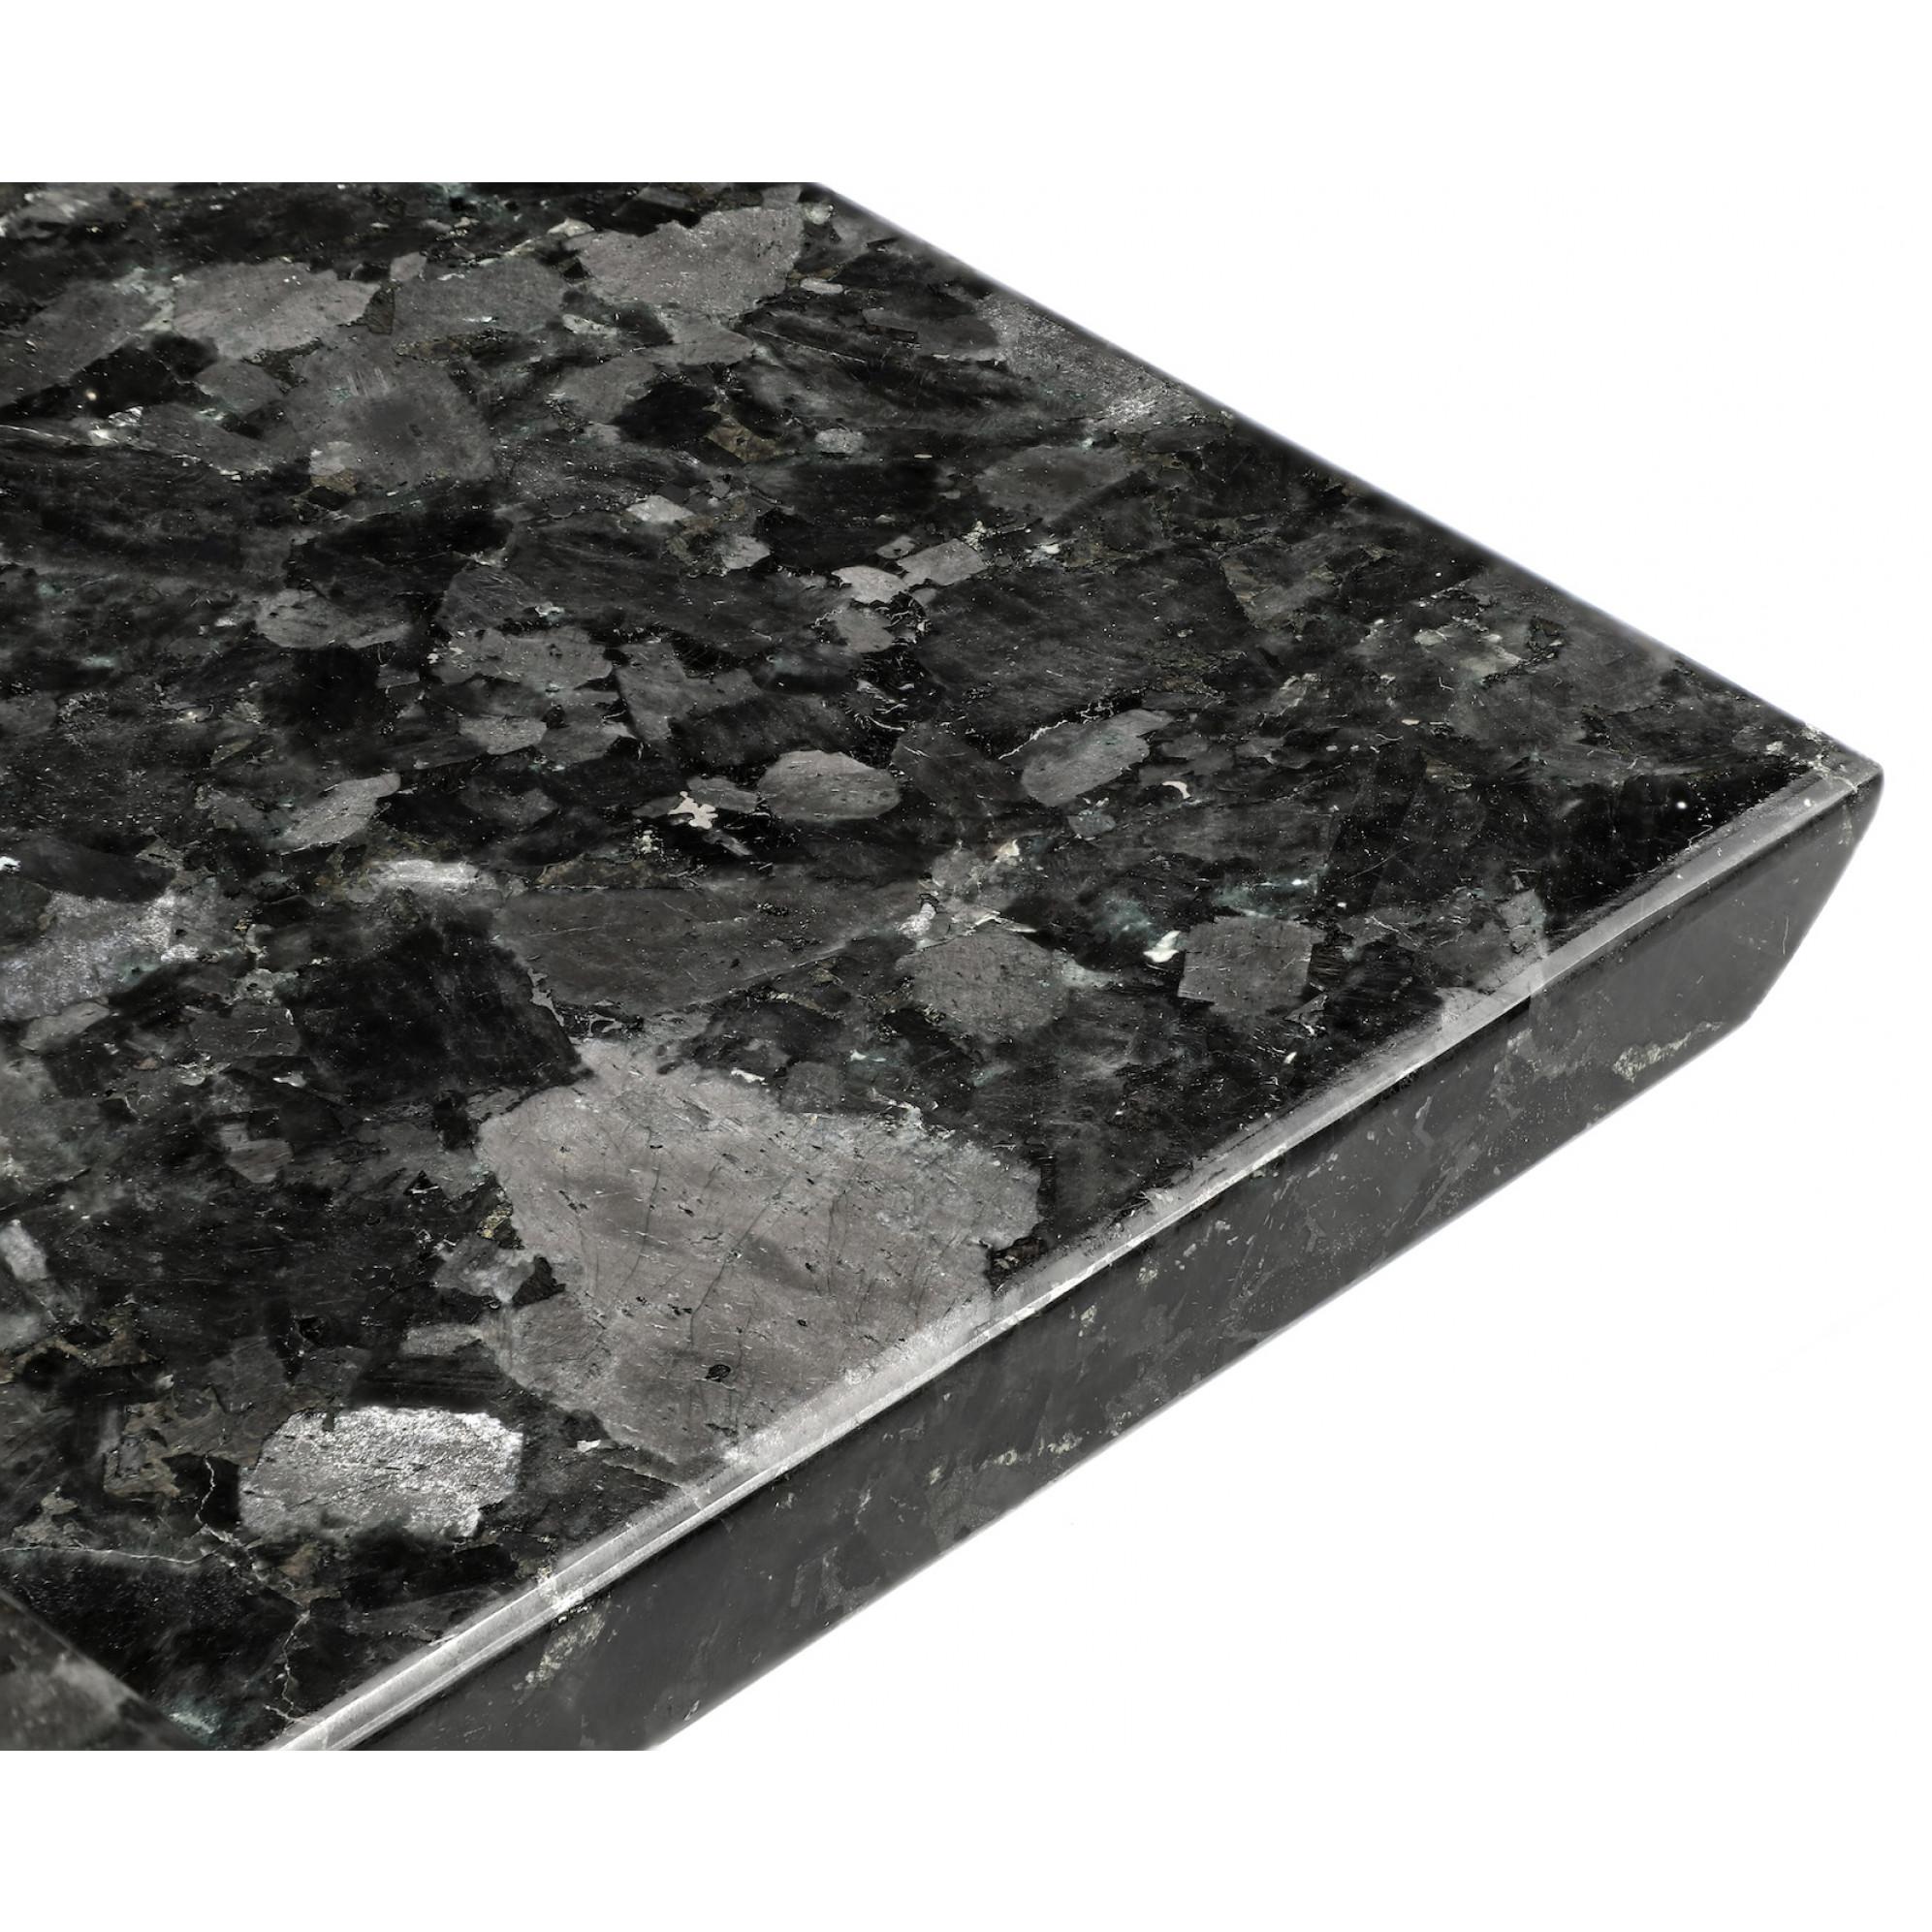 Schale Kristall-Labradorit 35 x 20 cm   Schwarz